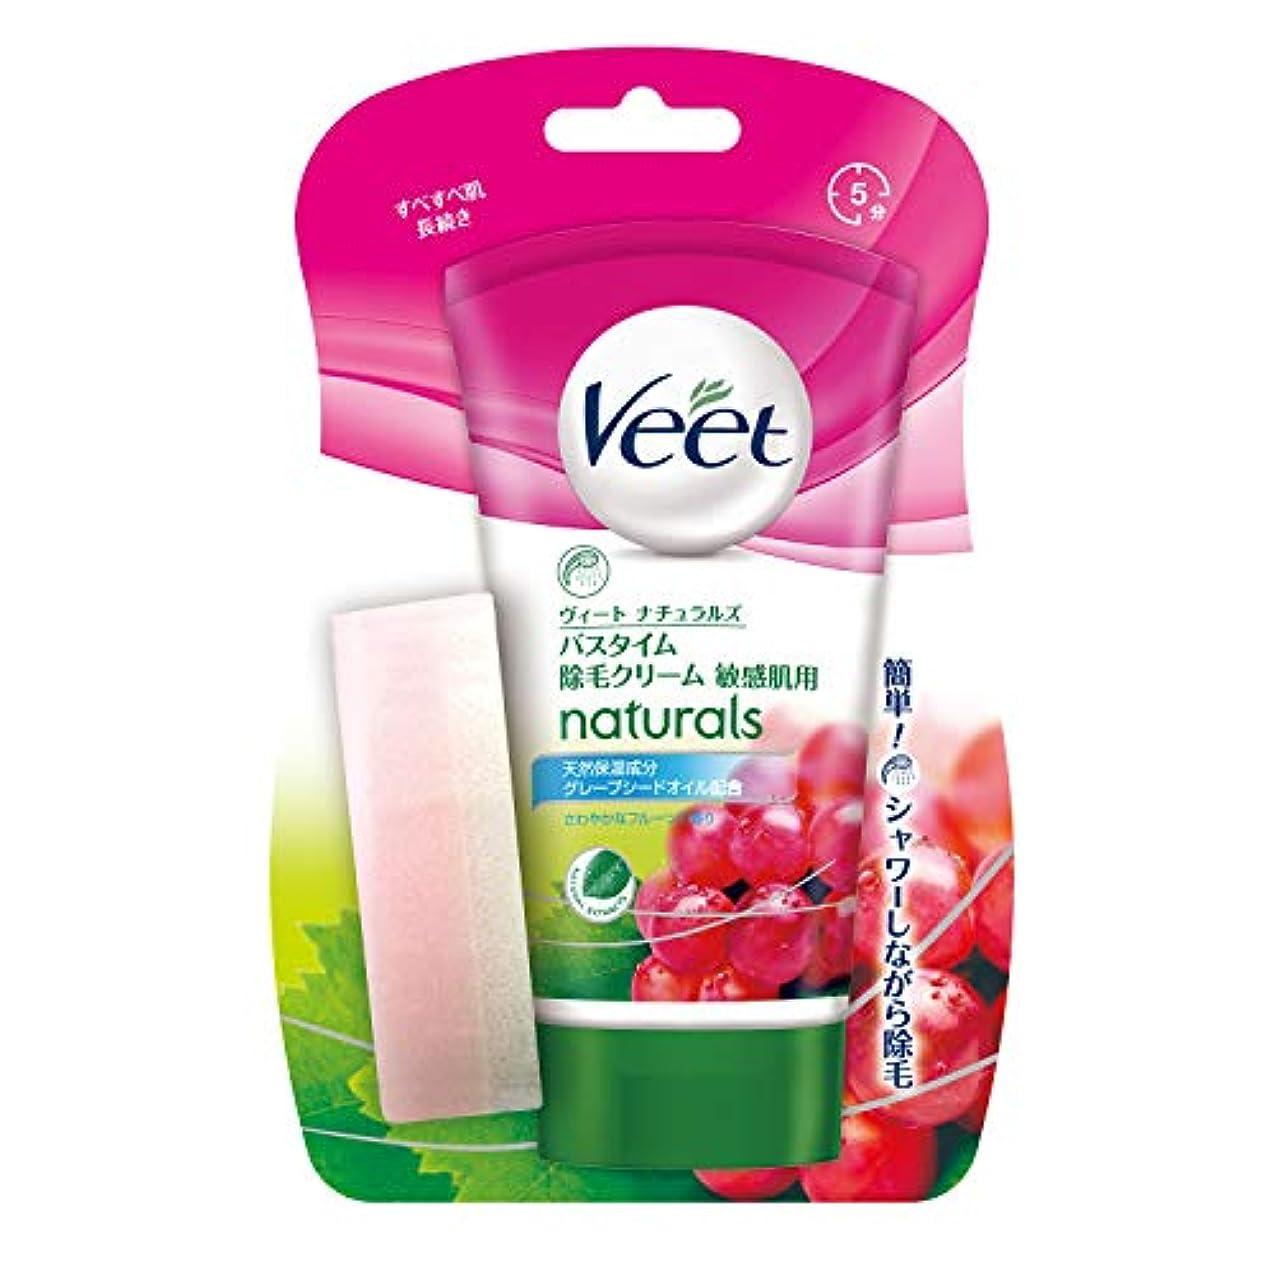 ヴィート バスタイムセン用 除毛クリーム 敏感肌用 150g (Veet Naturals In Shower Hair Removal Cream  Sensitive 150g)